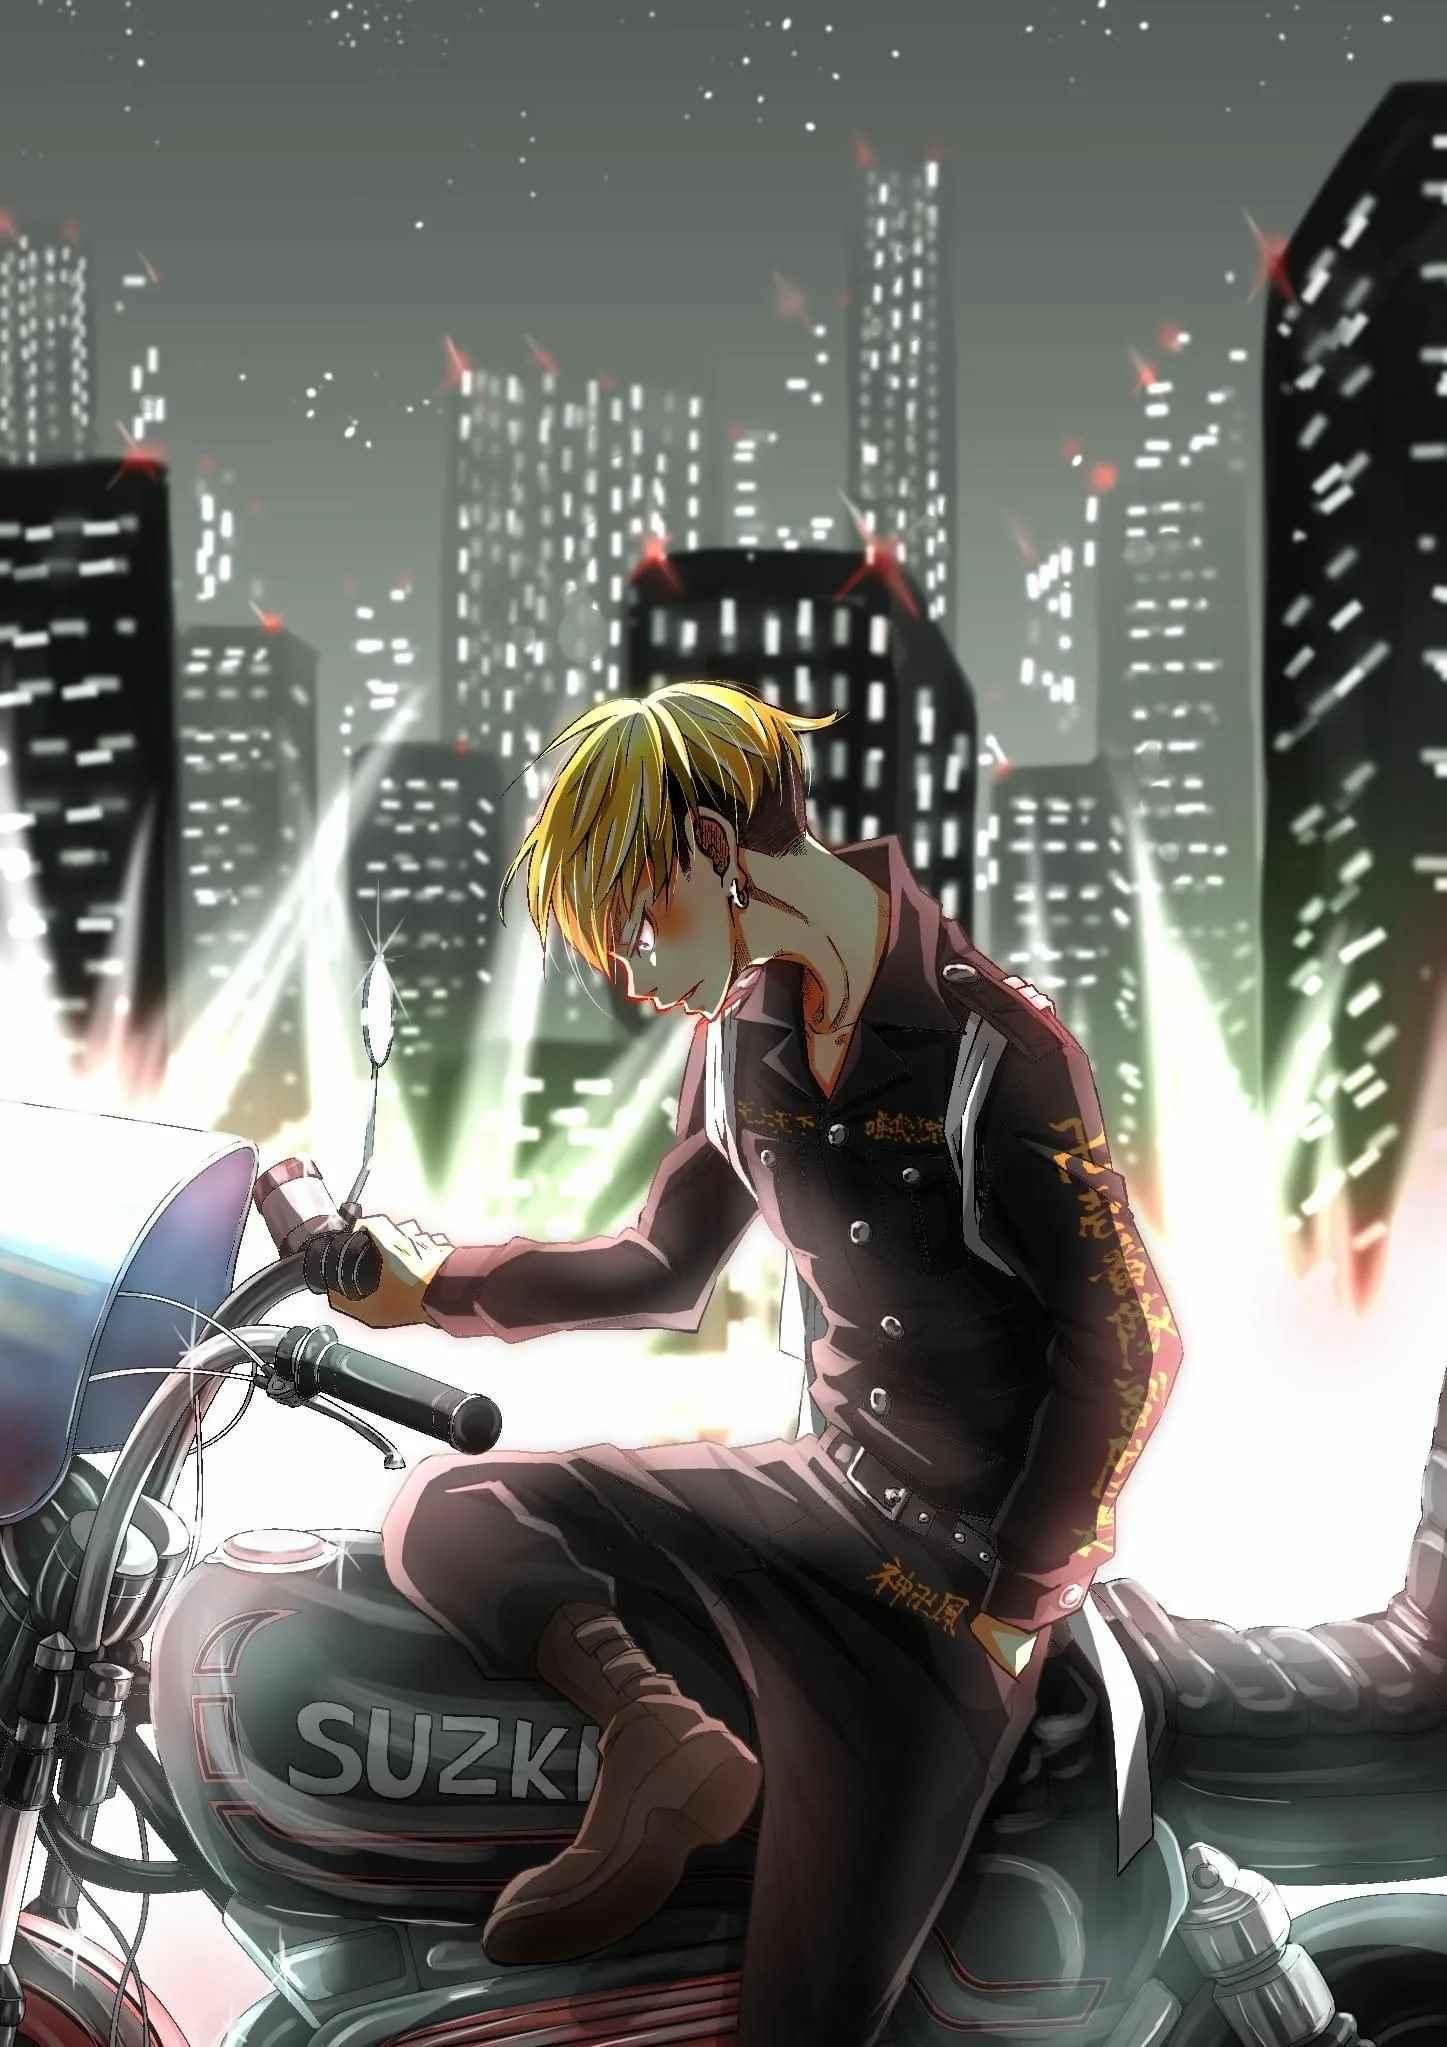 Заставка на телефон аниме Токийские мстители, обои (7)